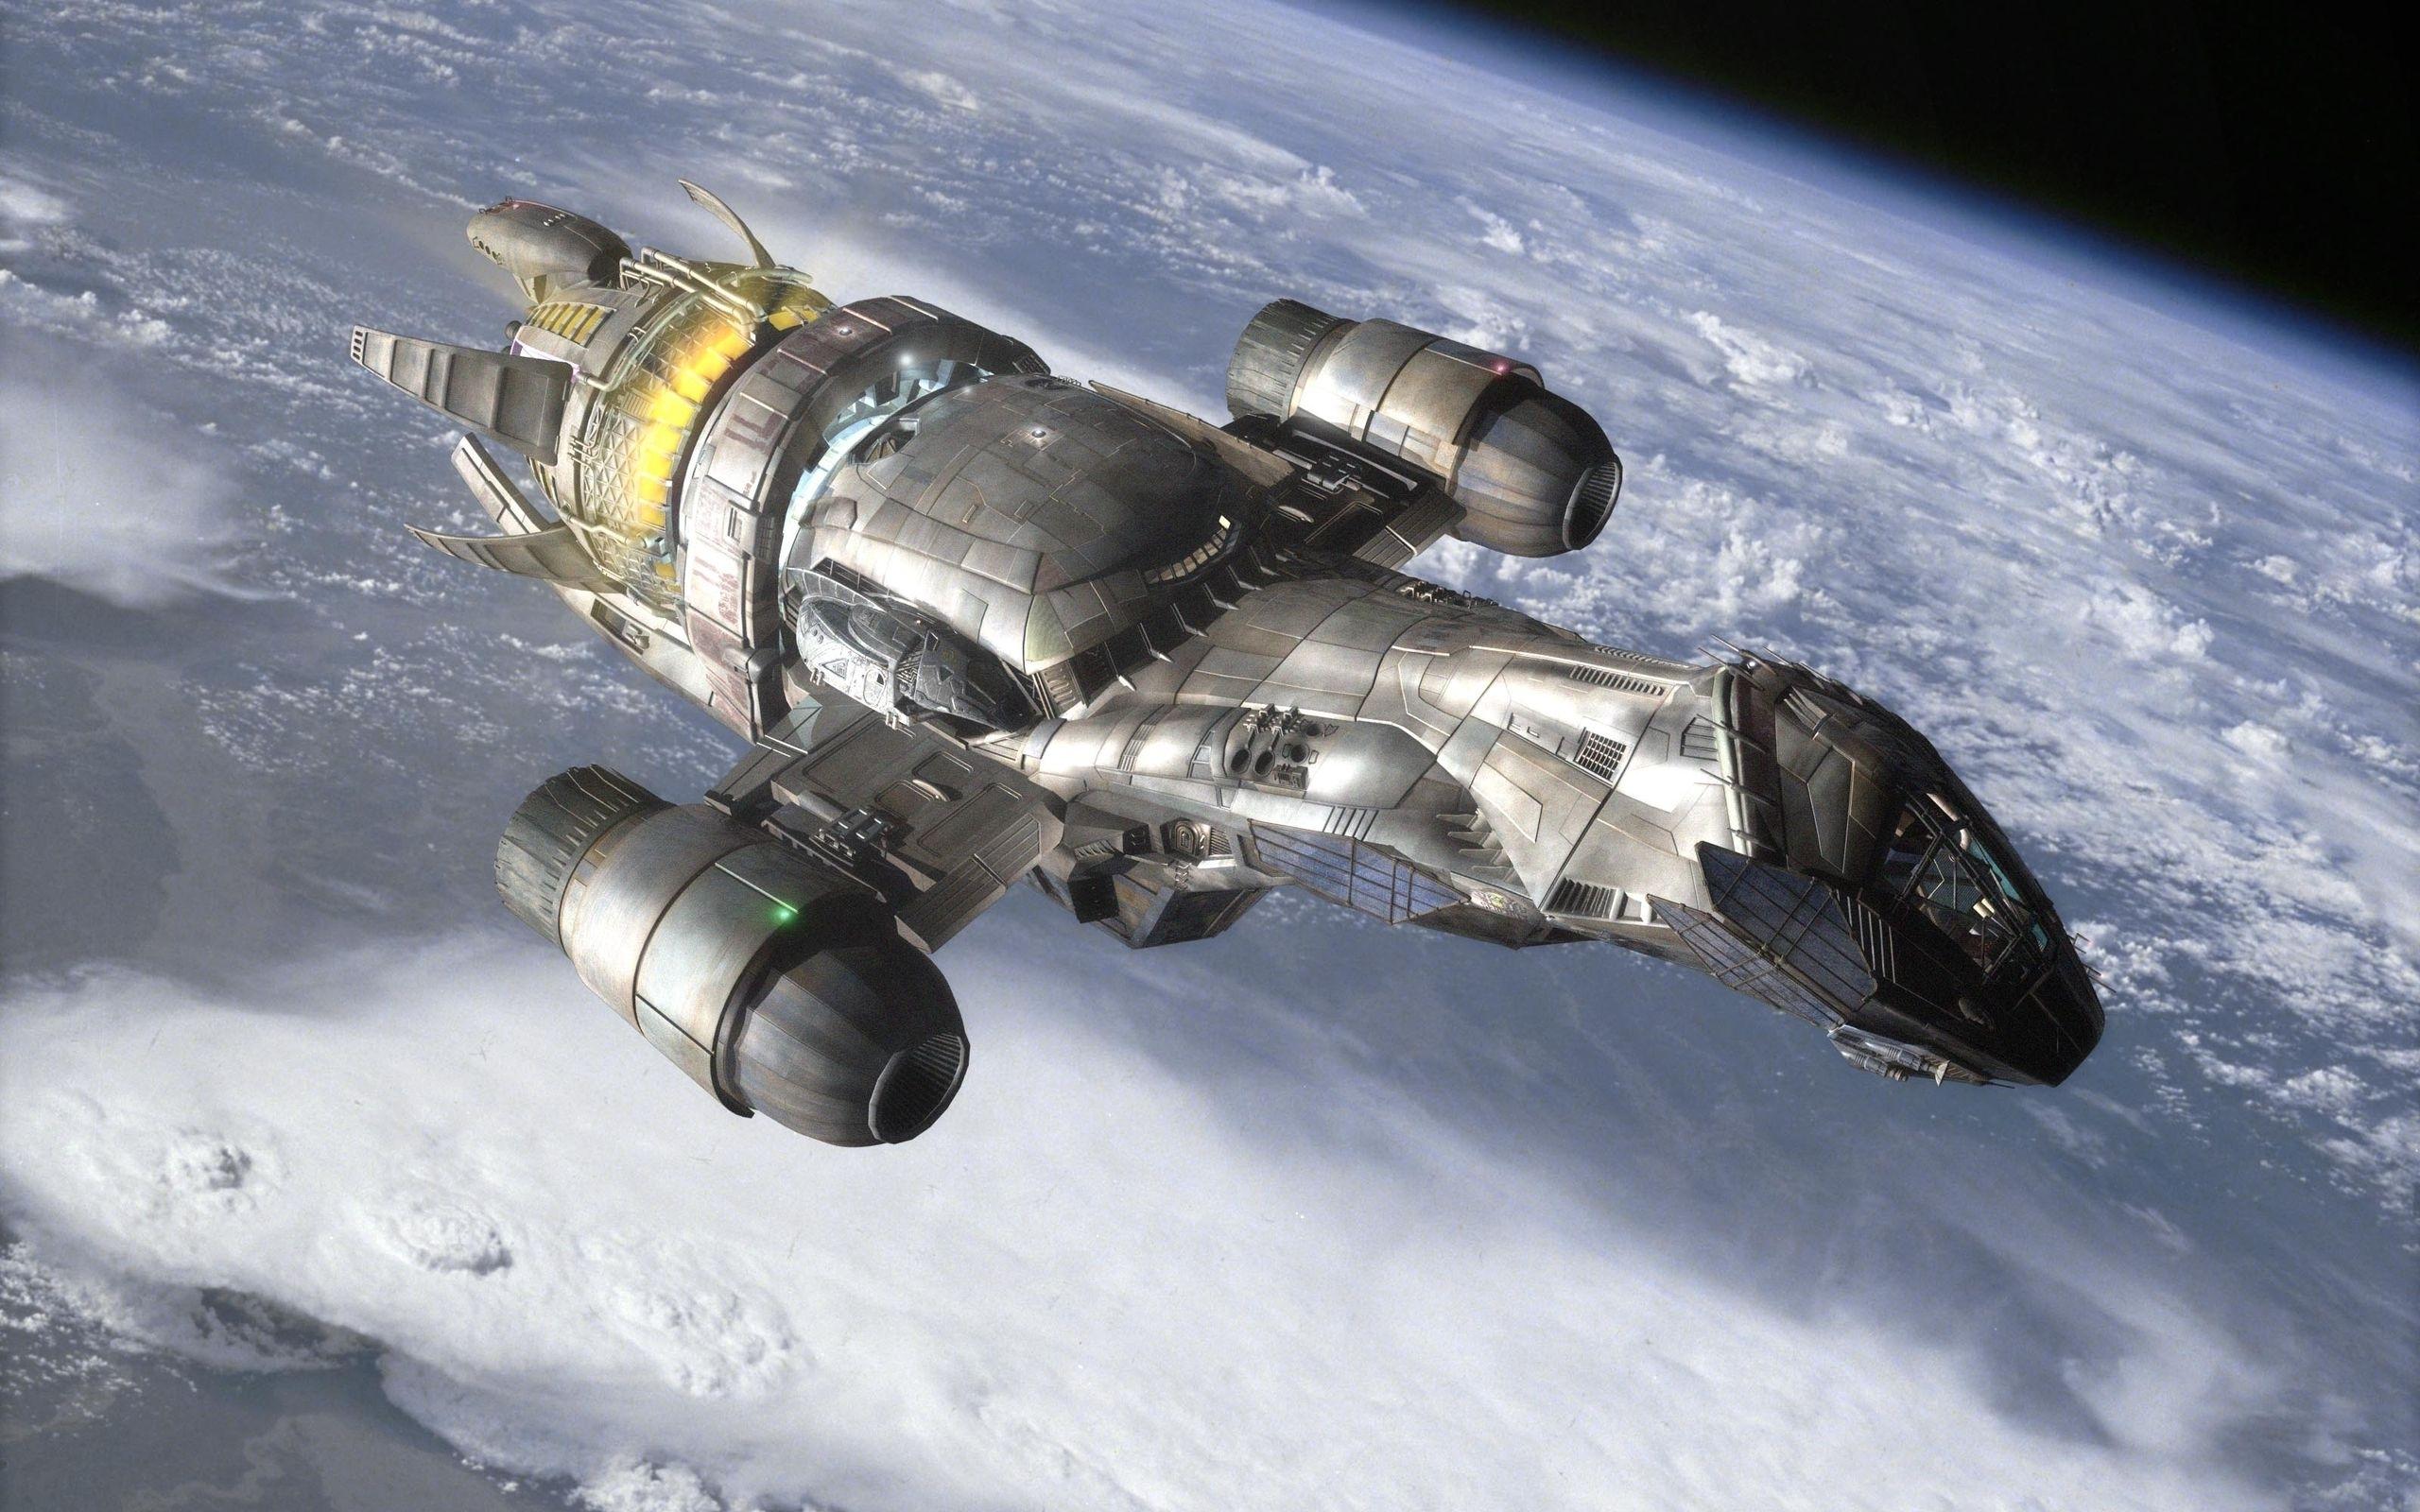 Обои космический корабль картинки на рабочий стол на тему Космос - скачать скачать